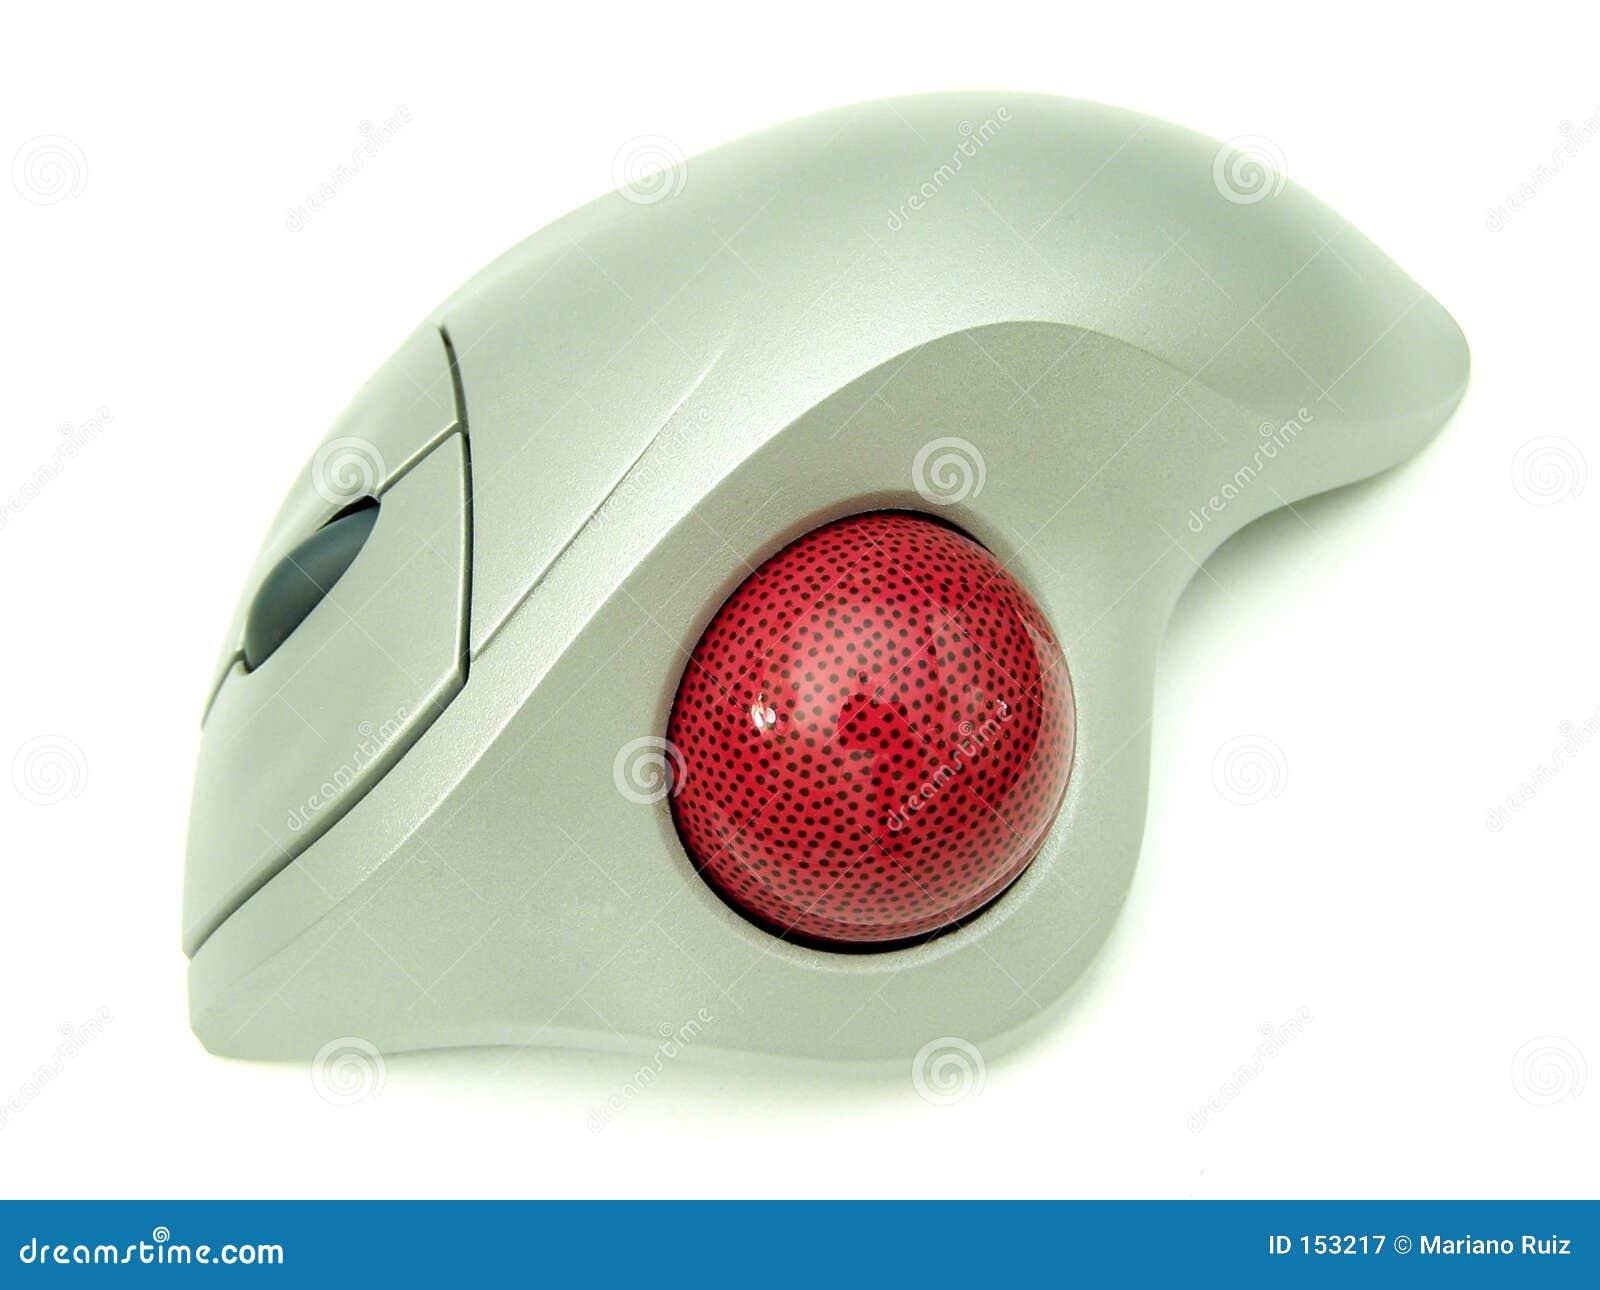 鼠标数据输入装置